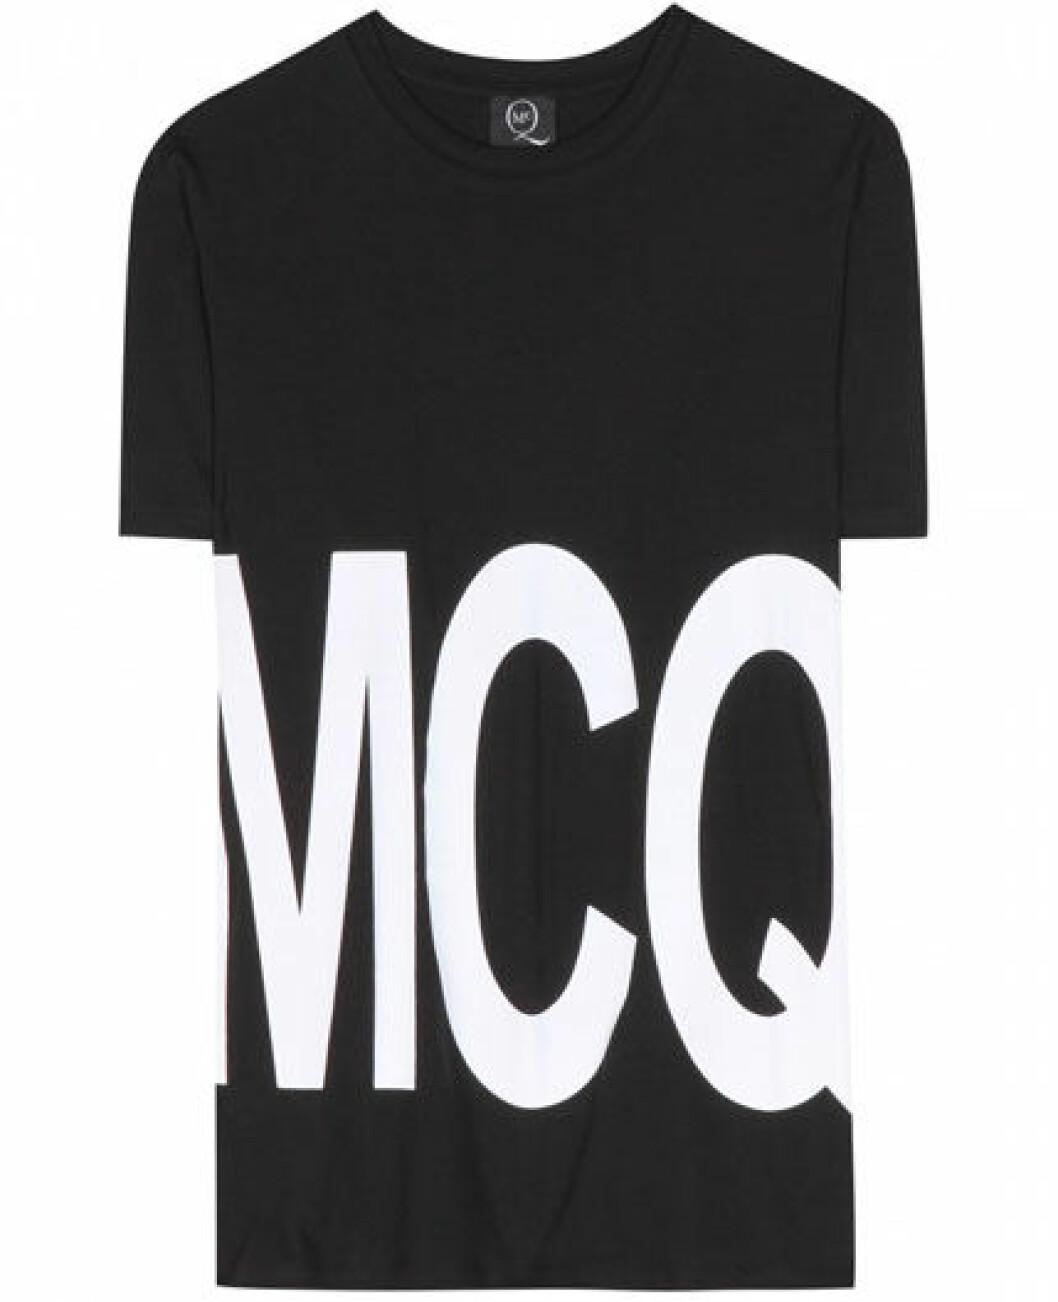 8. T-shirt, 977 kr, McQ Alexander McQueen Mytheresa.com